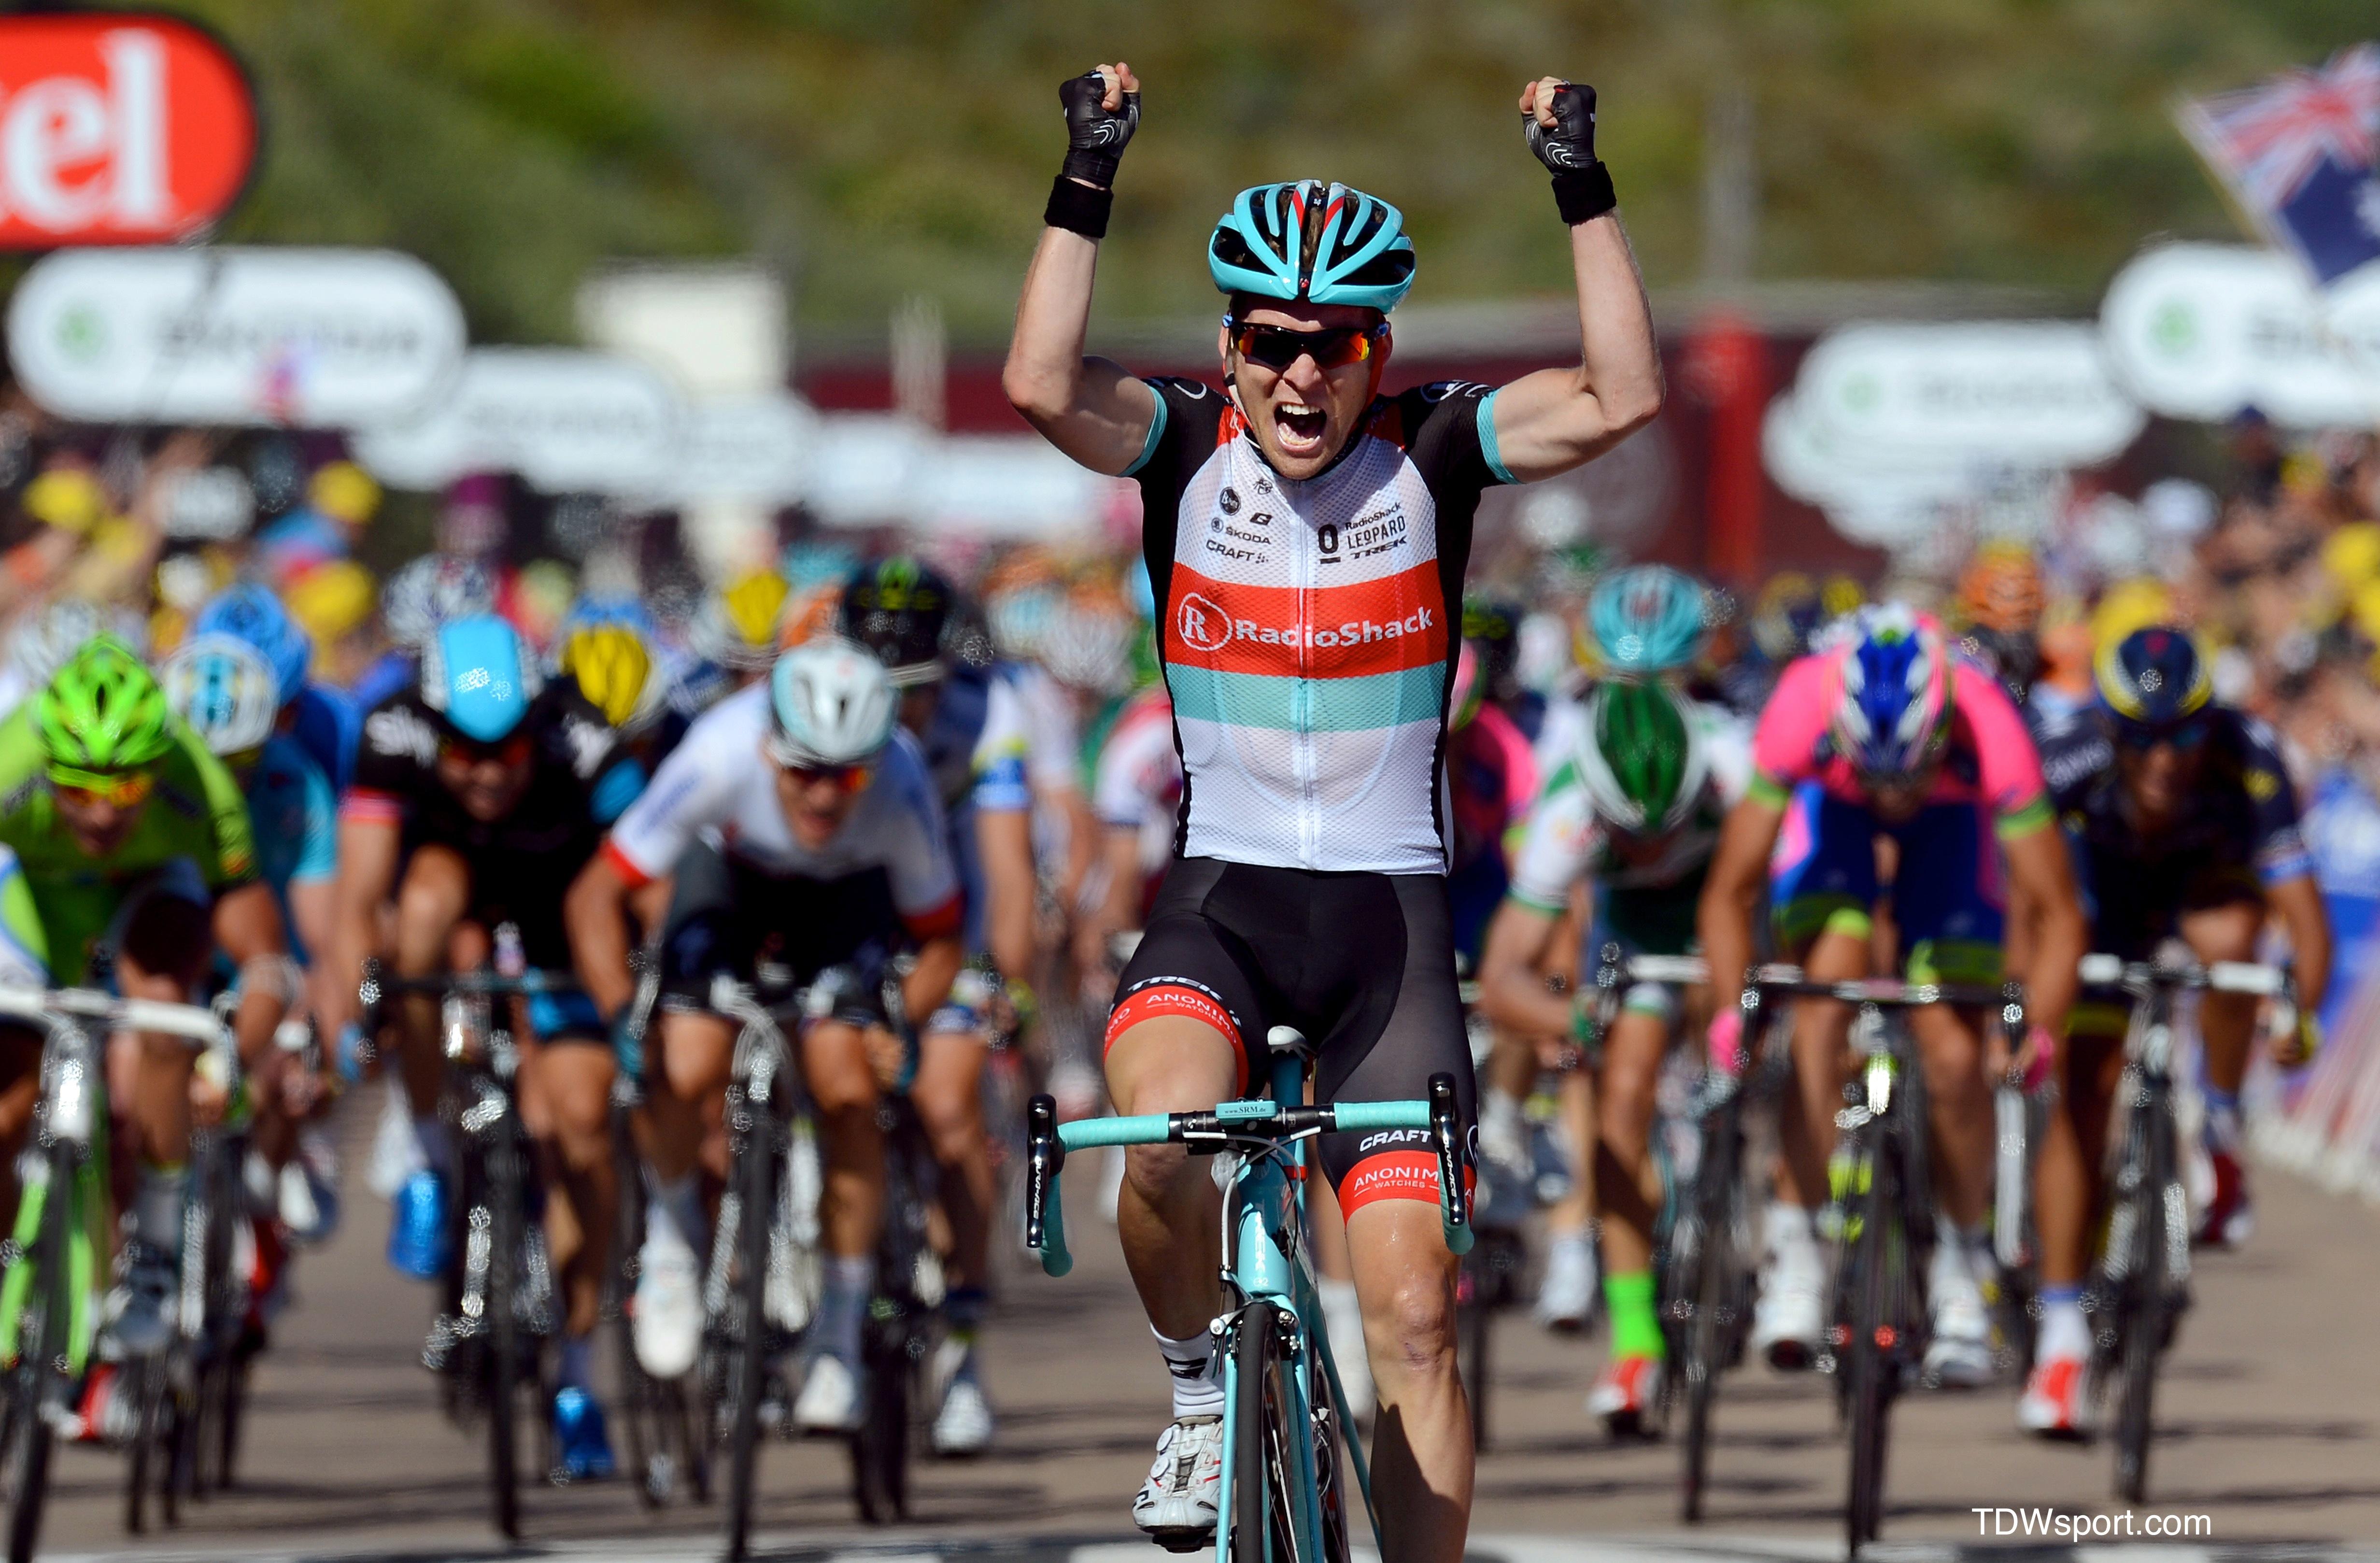 Free photo: Tour de france - racing, race, professional - Non ...